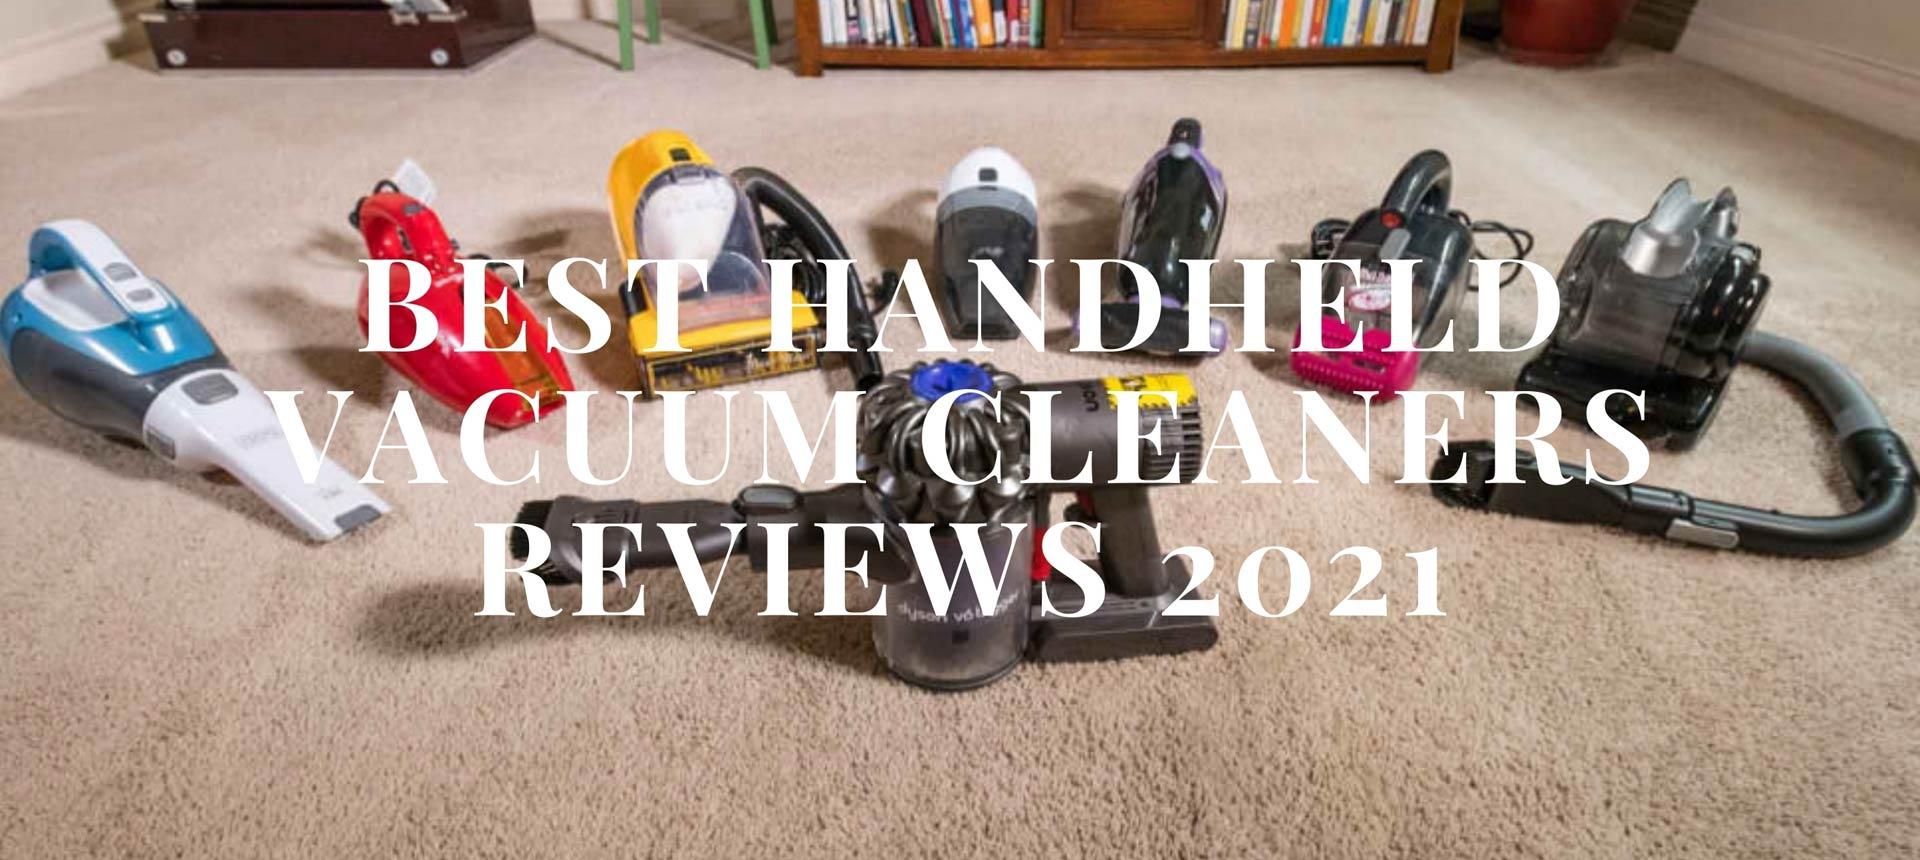 Best Handheld Vacuum Cleaners Reviews 2021